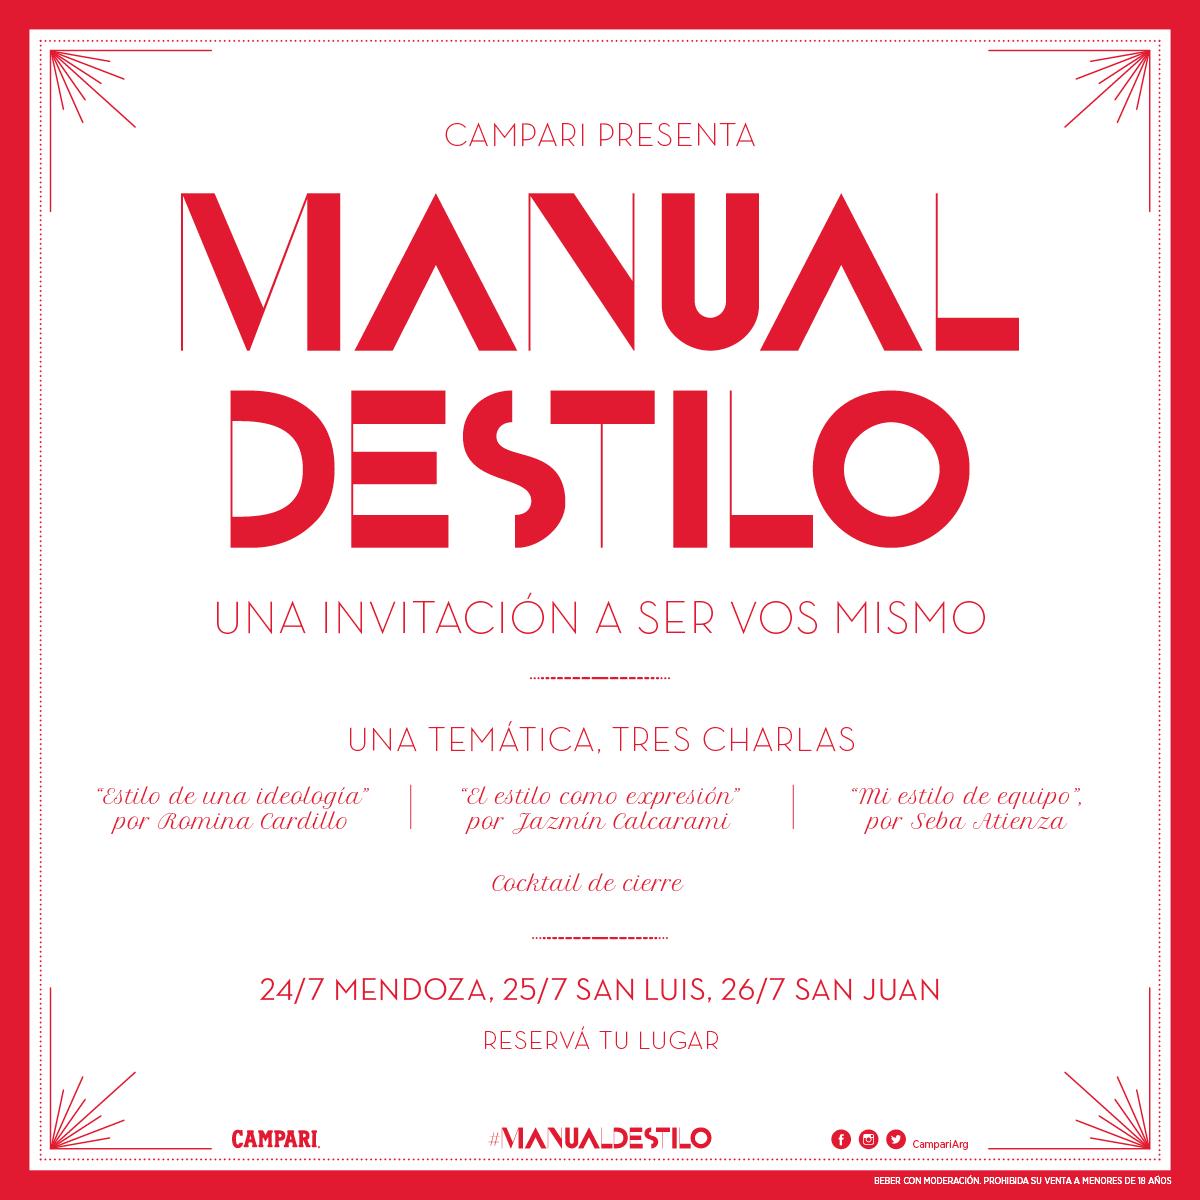 Llega #ManualDestilo a Mendoza, San Luis y San Juan